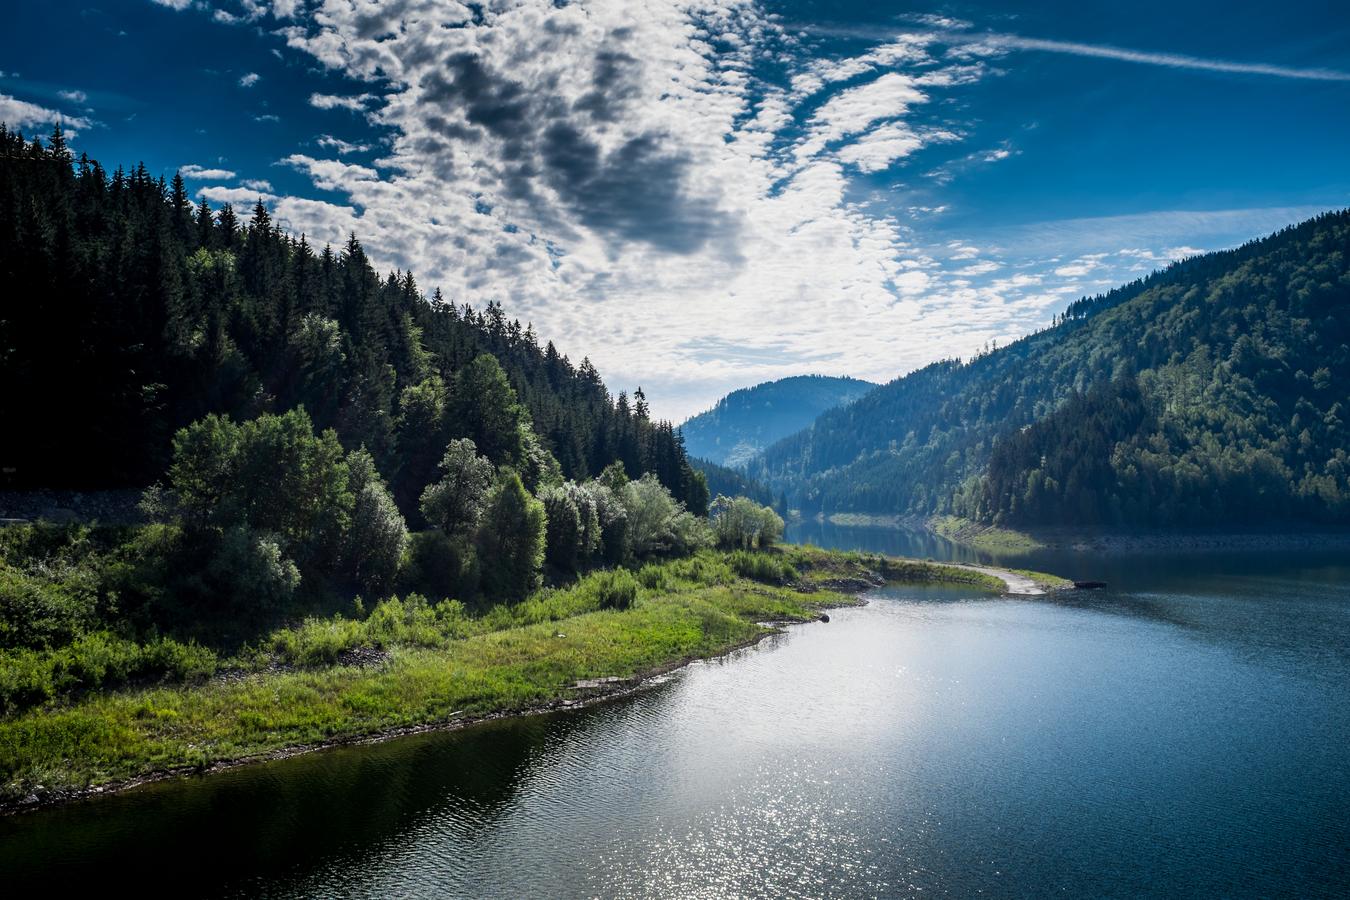 Ráno na přehradě